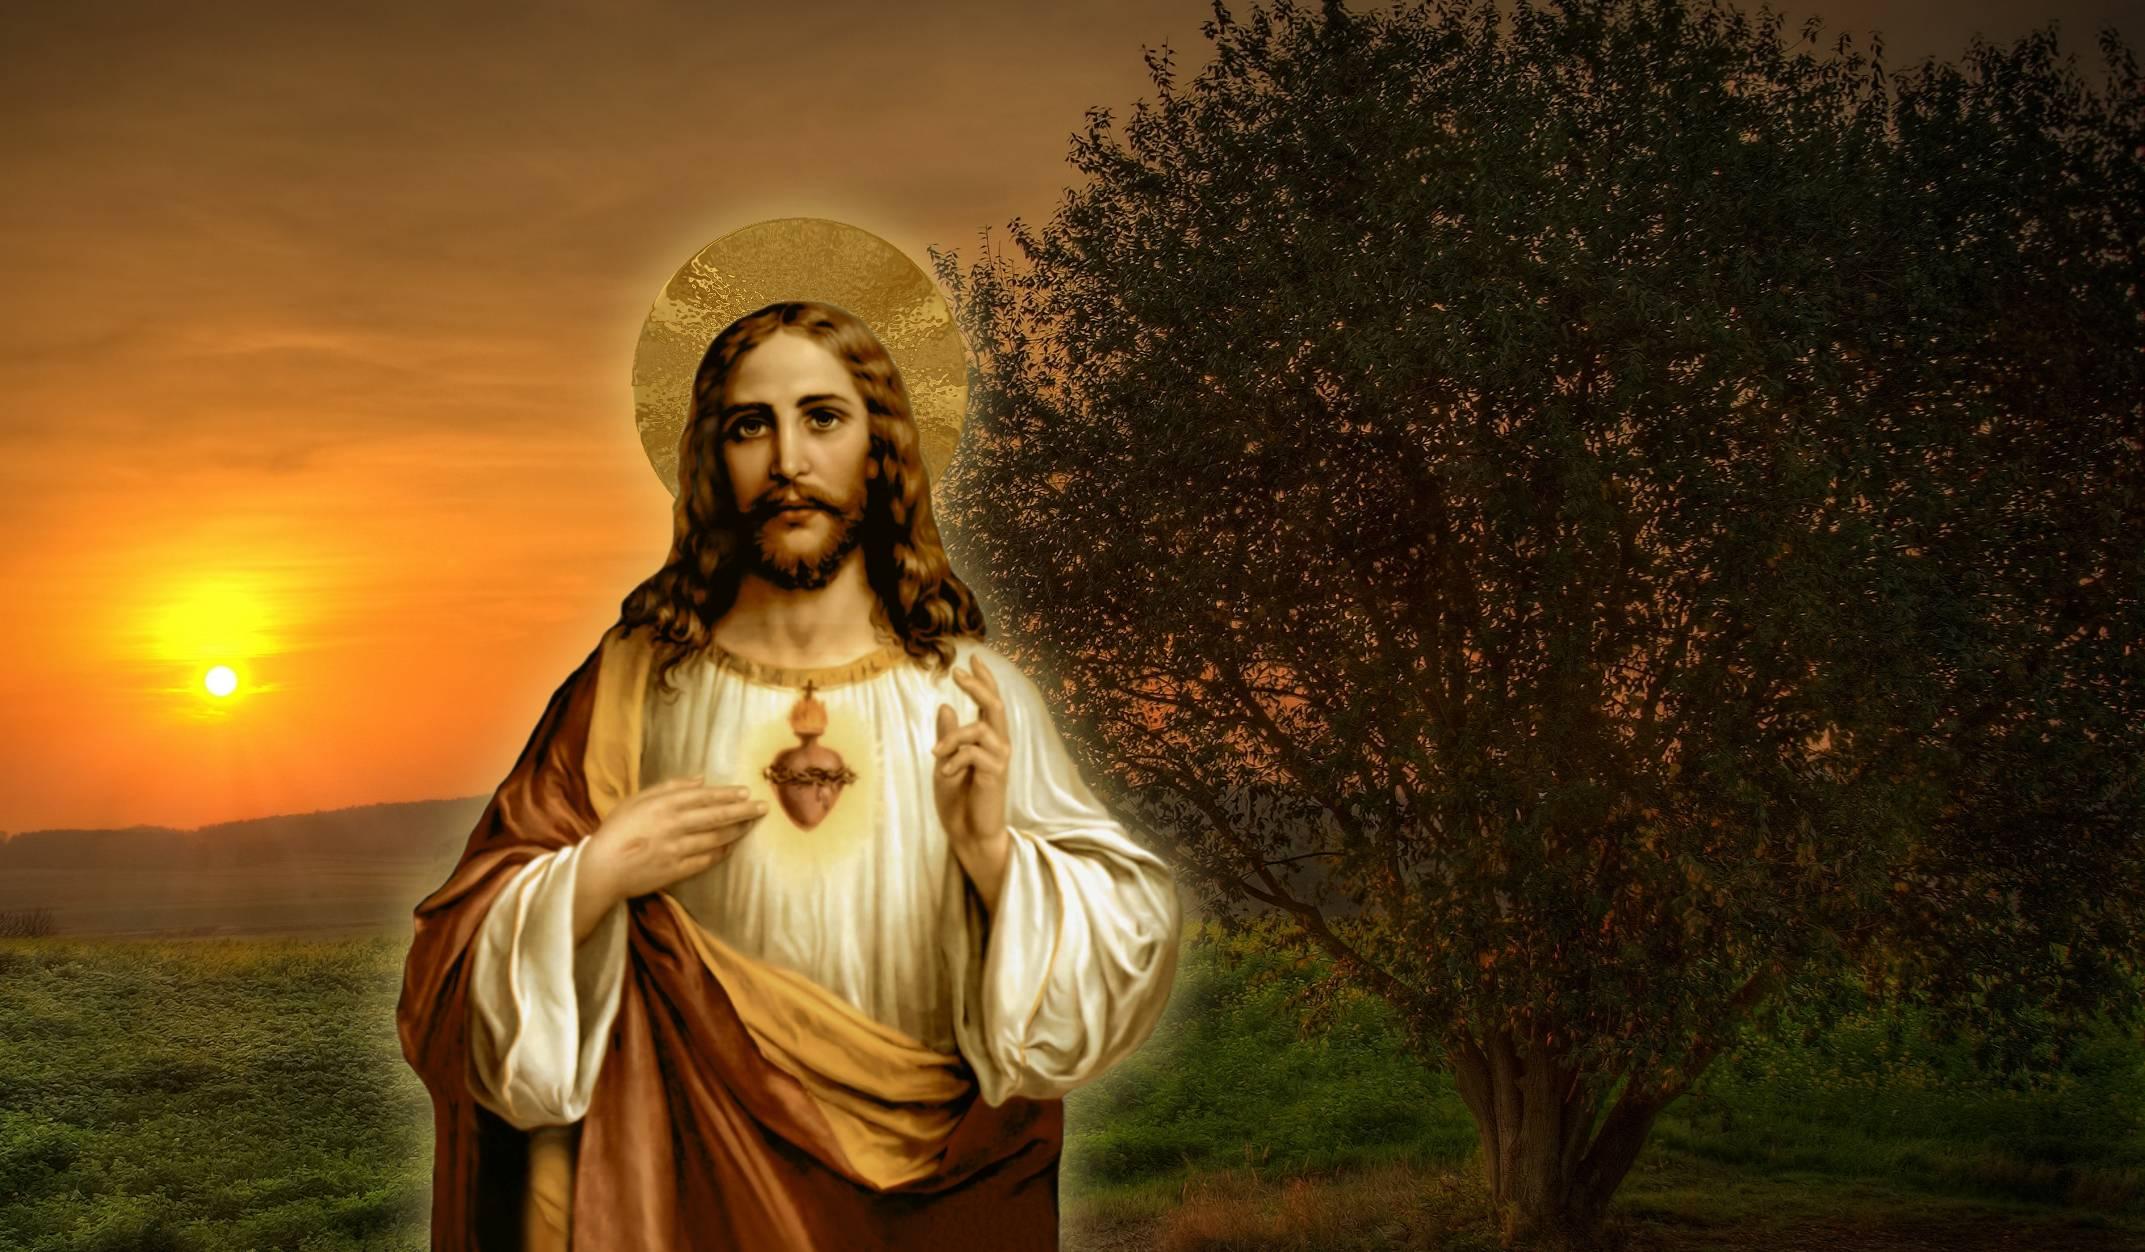 большая картинка иисуса христа все